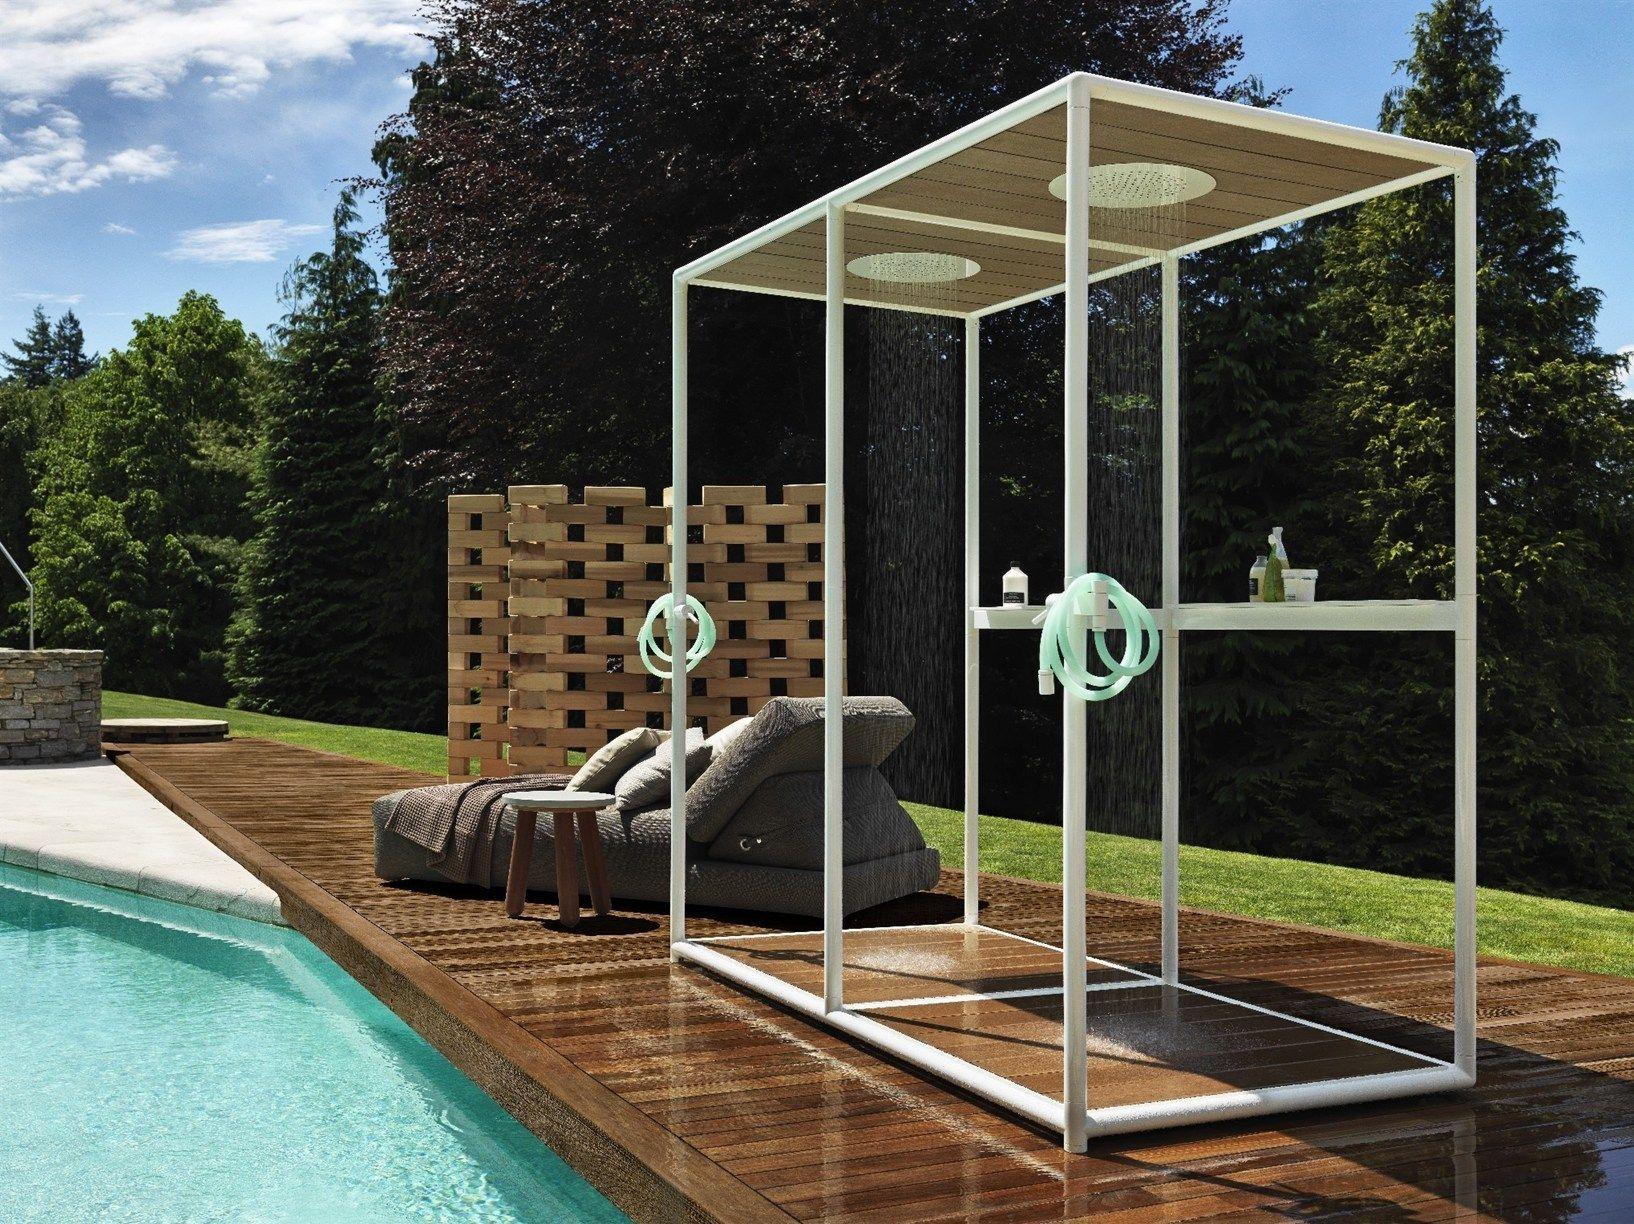 Doccia esterna in legno WAZEBO by Kos by Zucchetti design